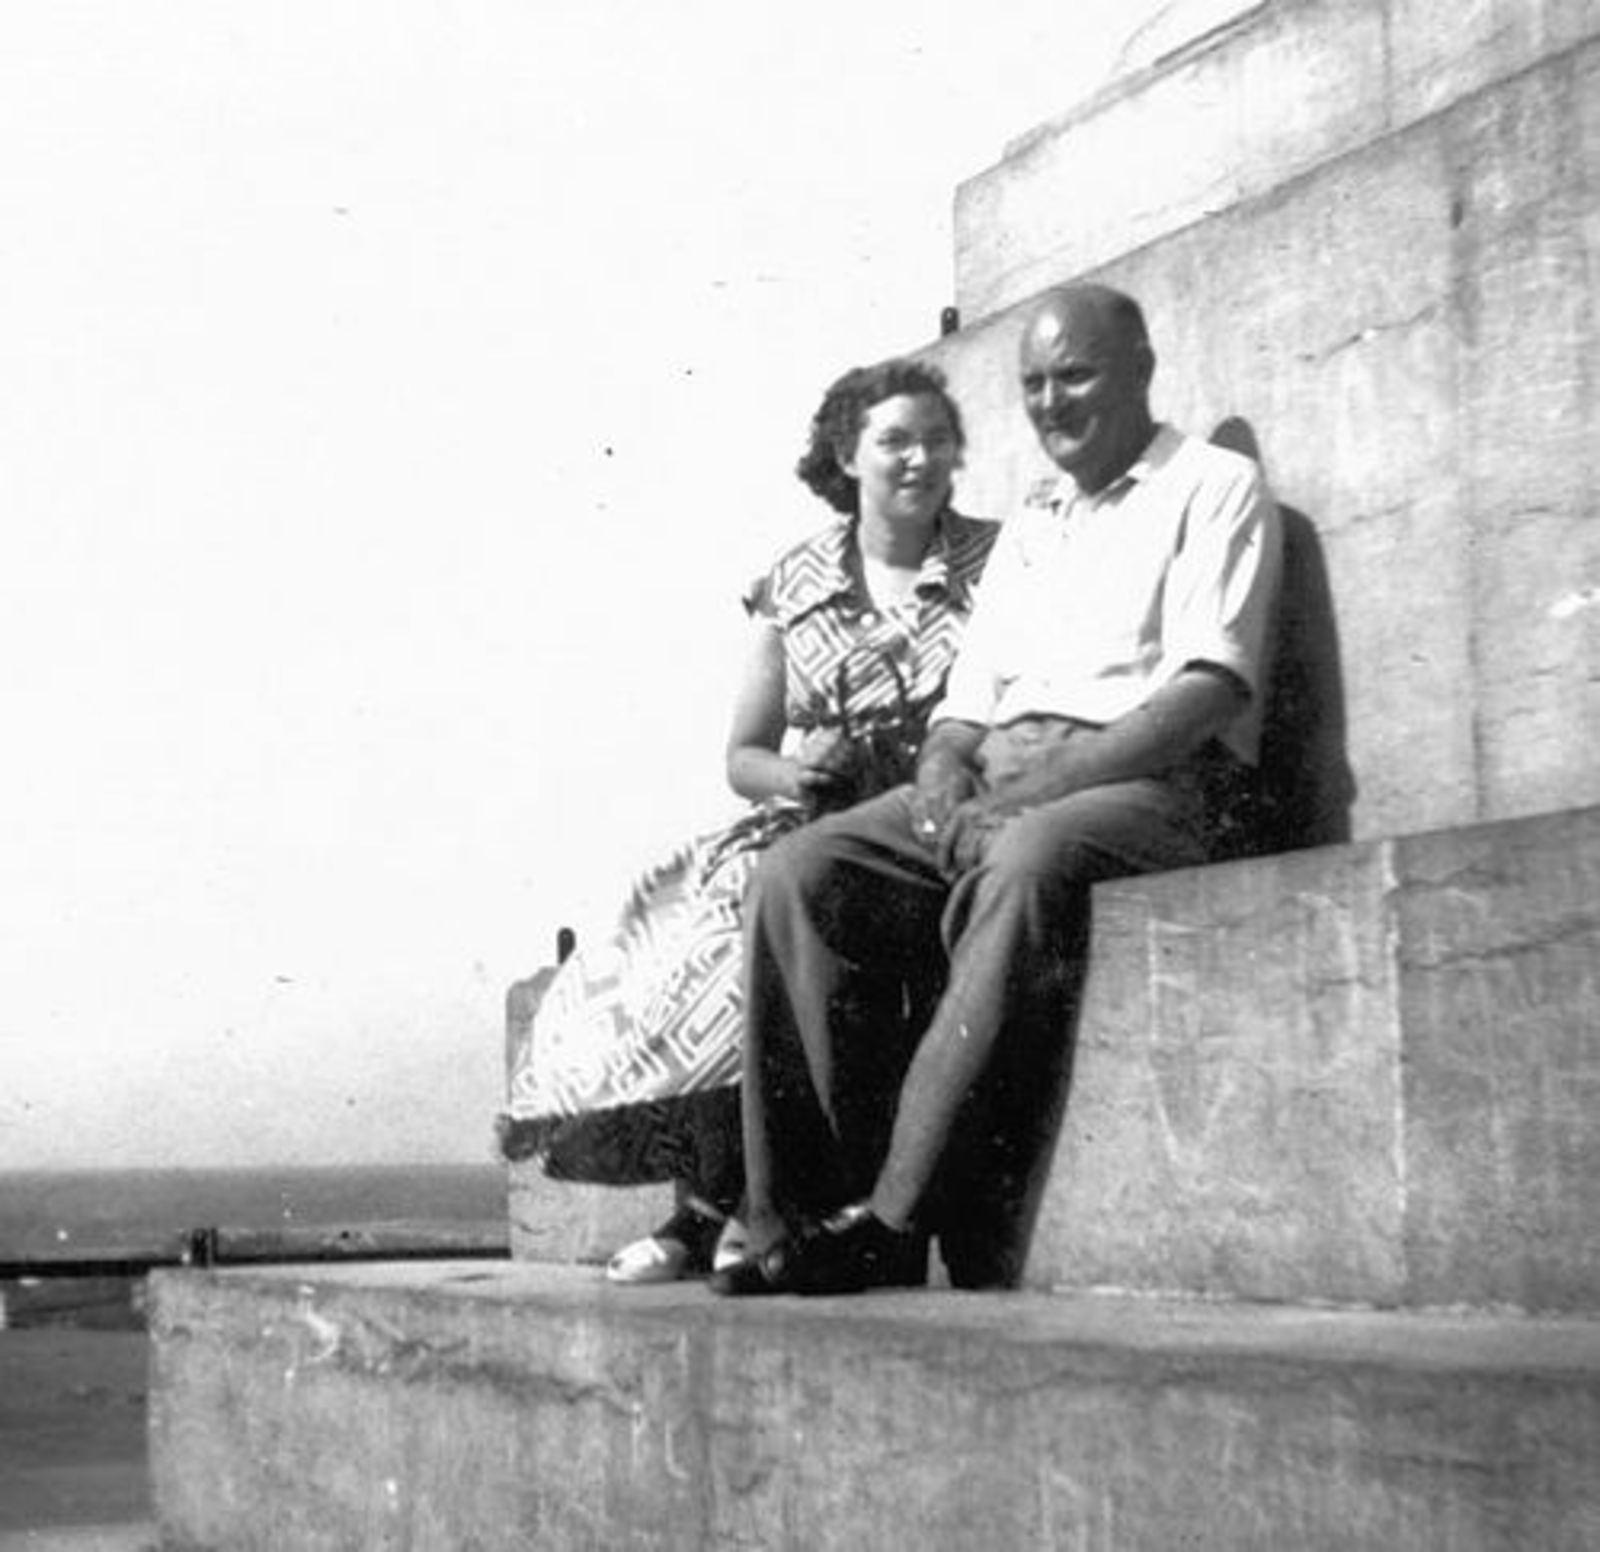 Helm Femmie vd 1952± Vakantie Belgie met Onbekend 05